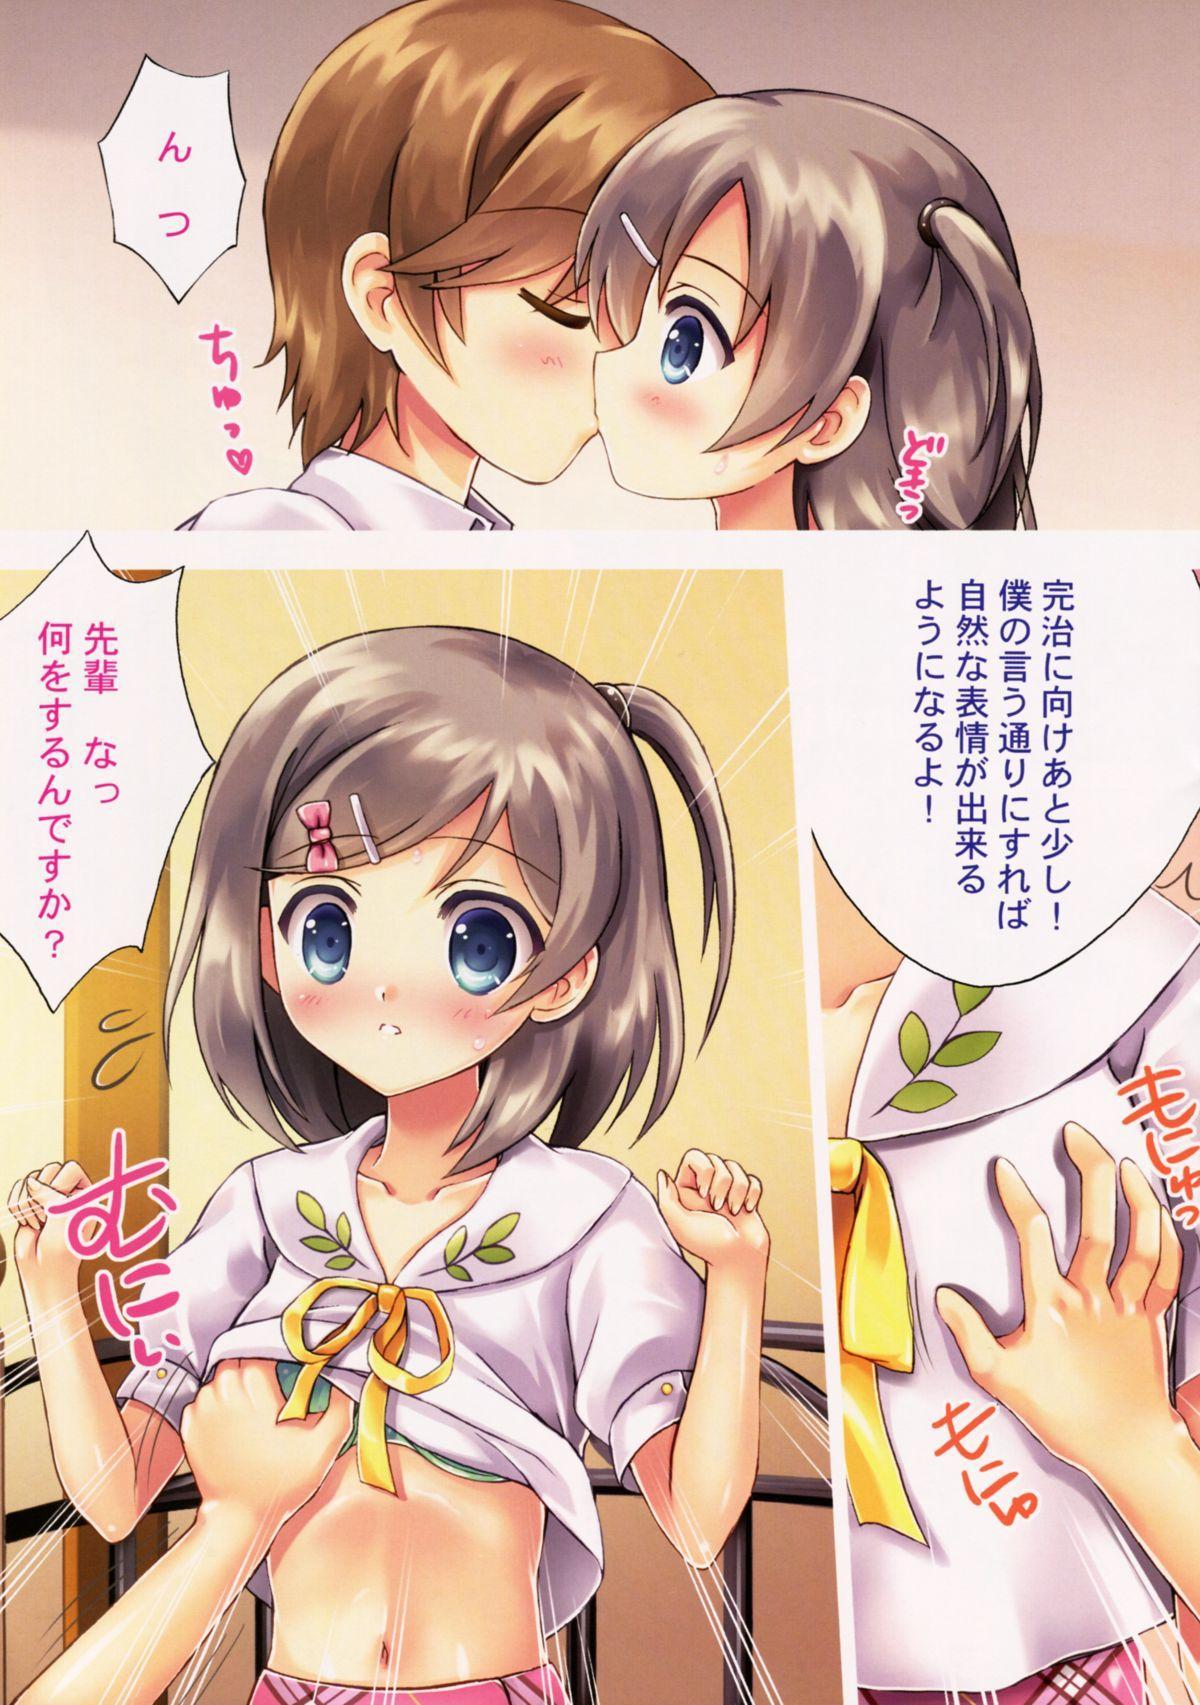 Neko no Shindan to Chiryou 3